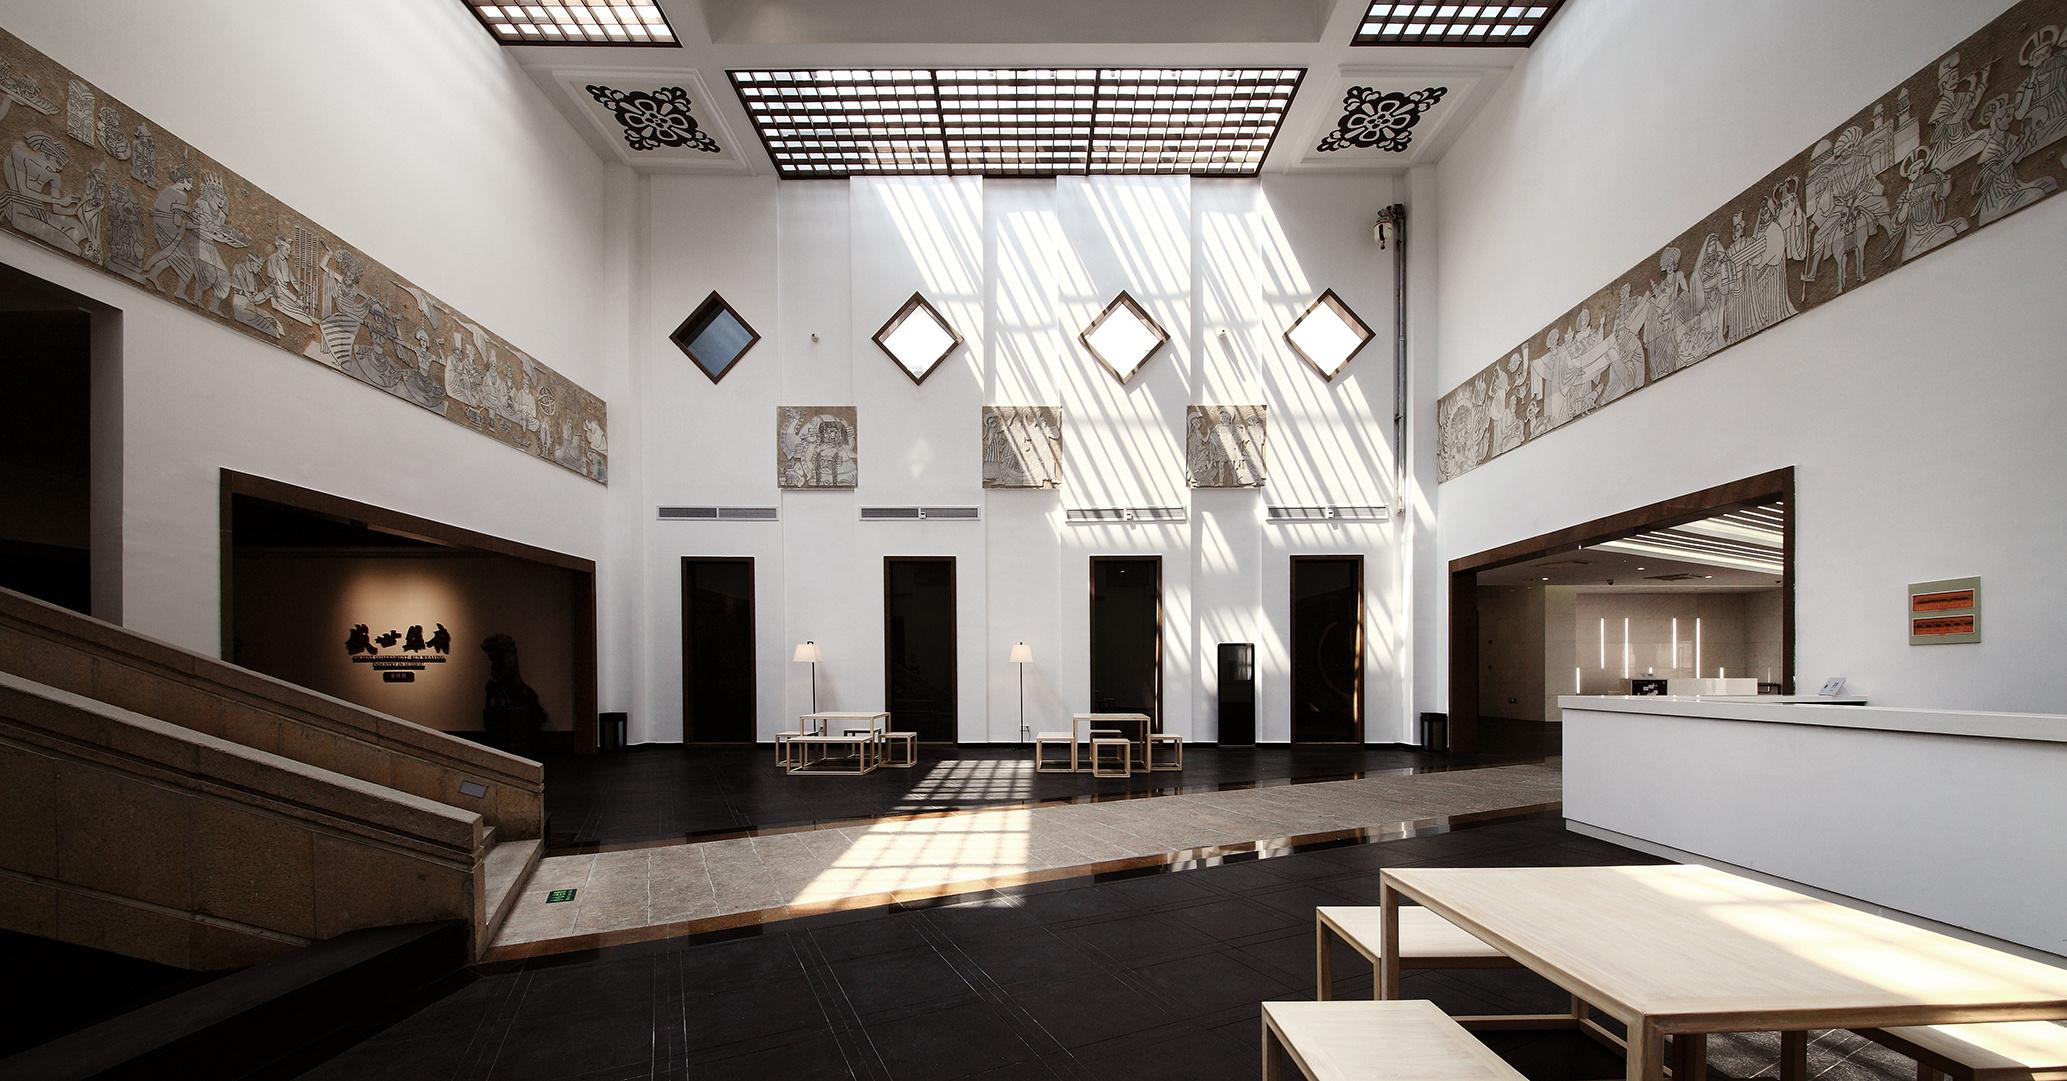 苏州虎丘_苏州丝绸博物馆|空间|室内设计|HUBERT杨 - 原创作品 - 站酷 (ZCOOL)